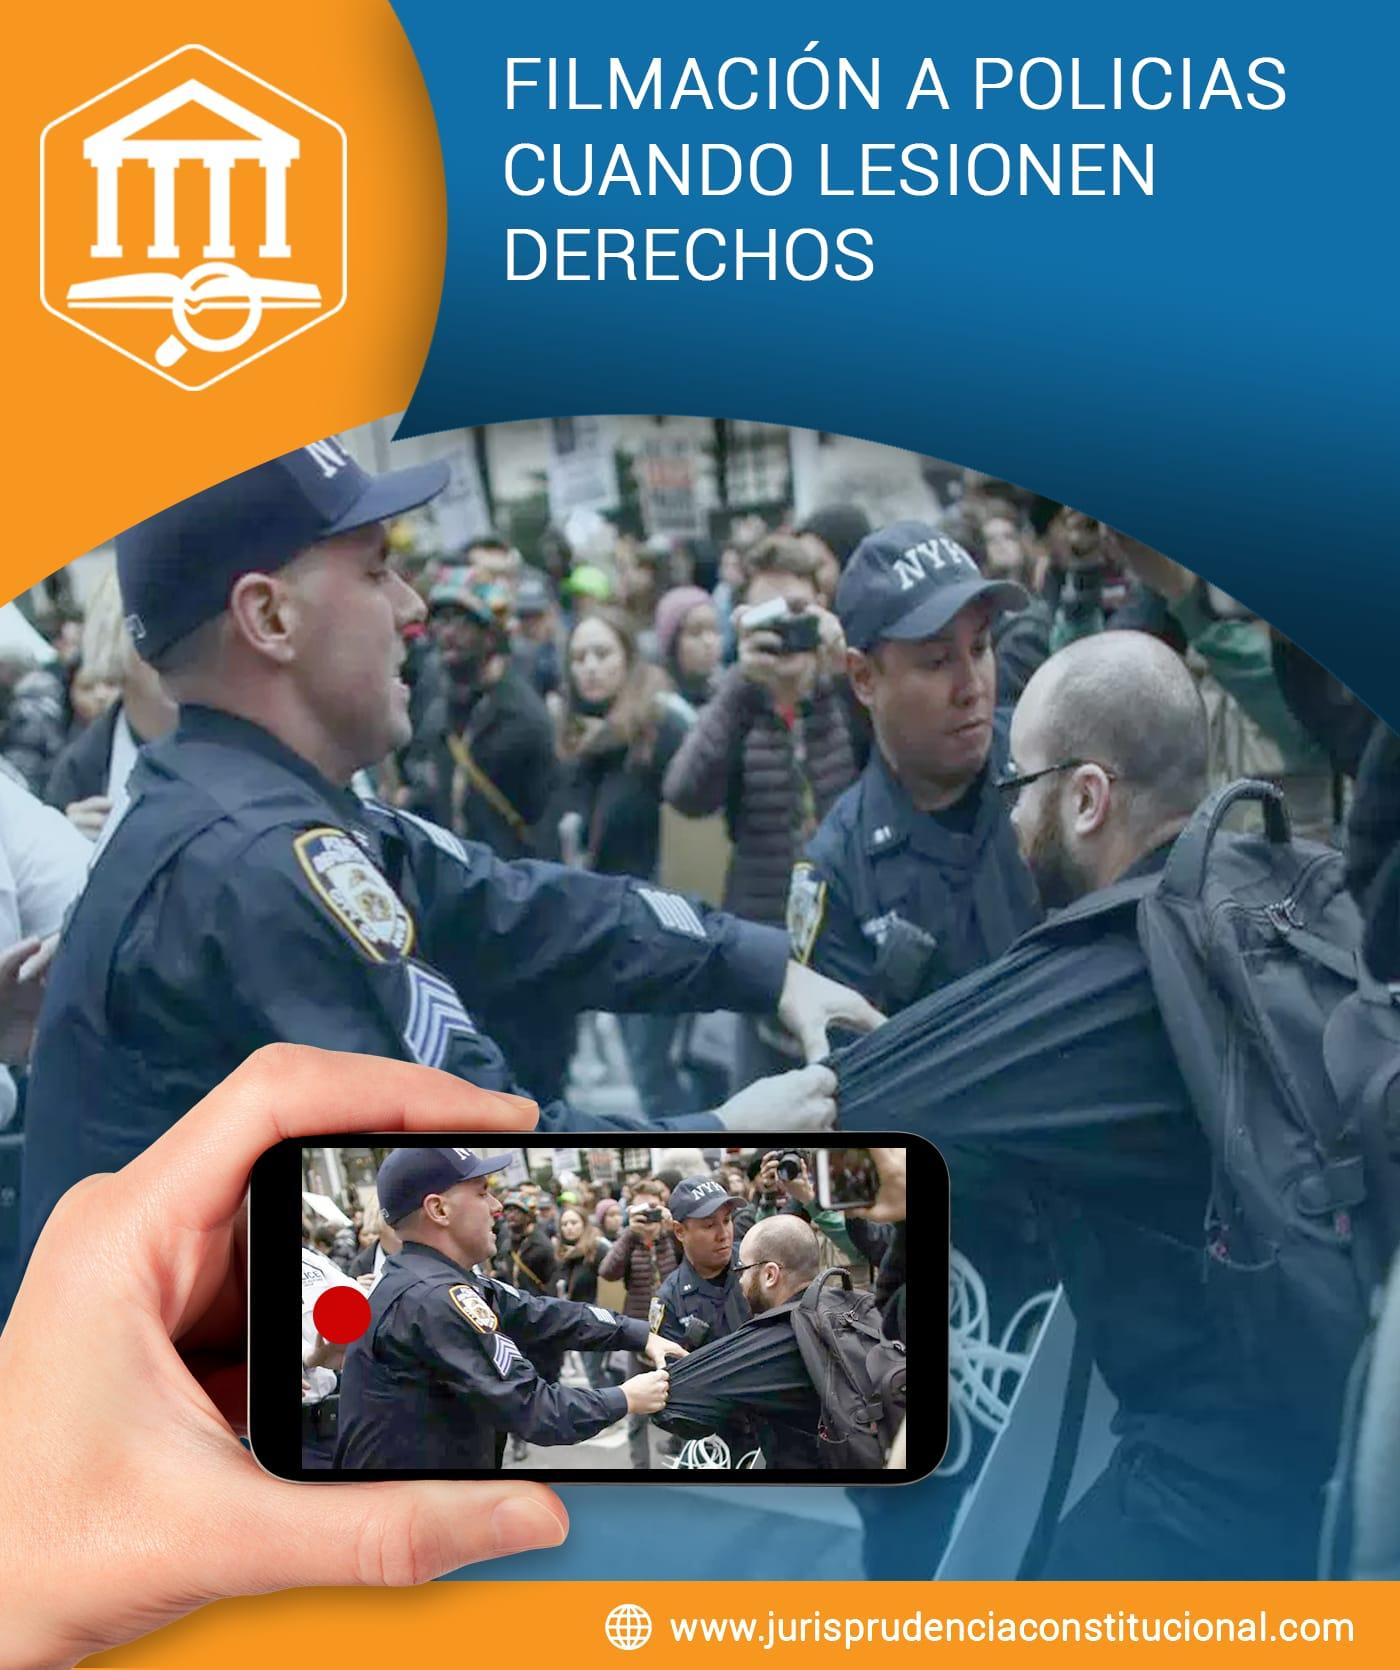 FILMACIÓN A POLICÍAS CUANDO LESIONEN DERECHOS